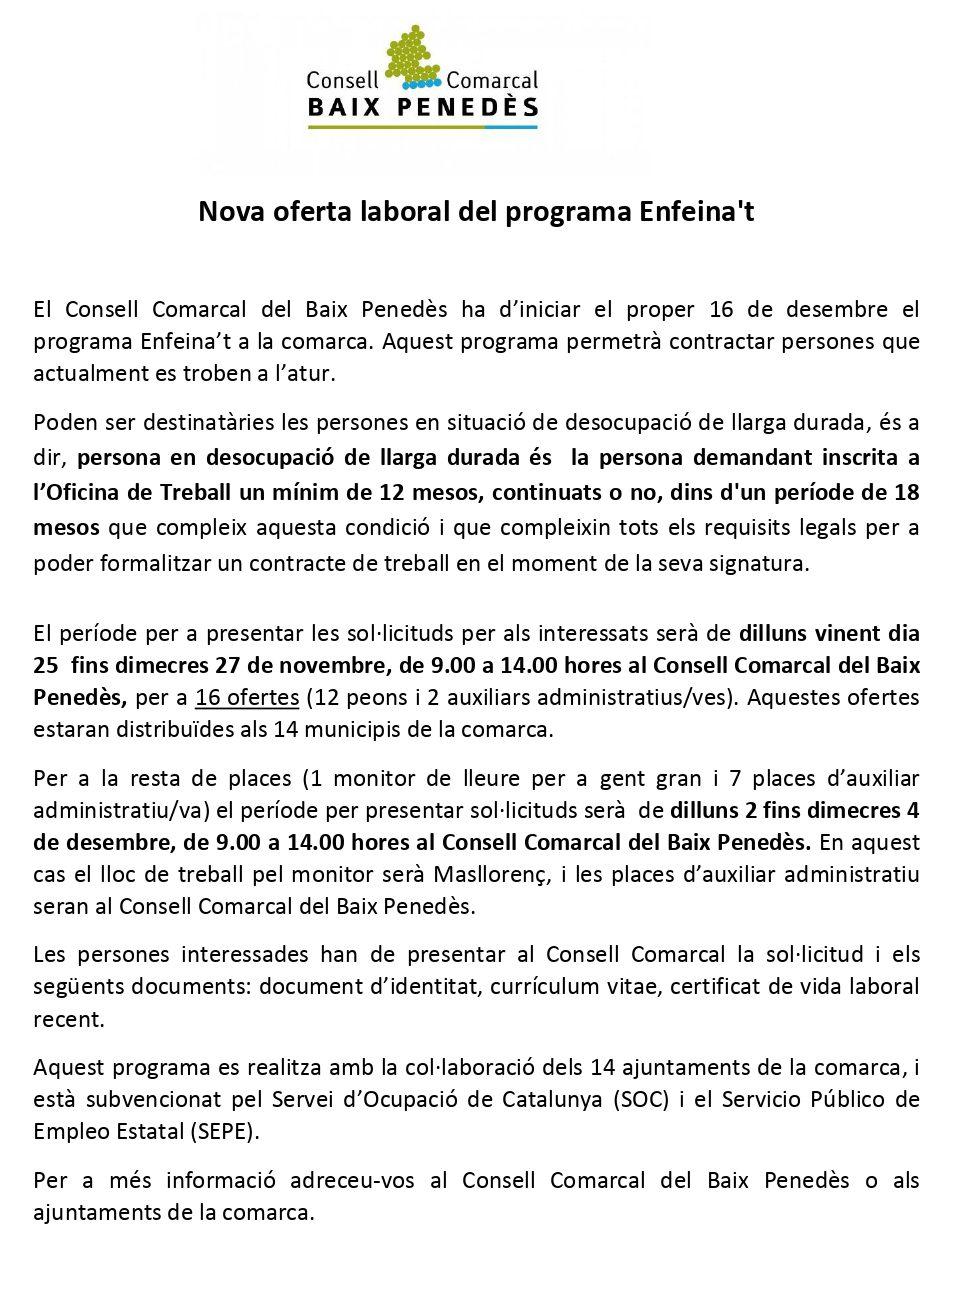 Nova oferta laboral del programa Enfeina't del Consell Comarcal del Baix Penedès